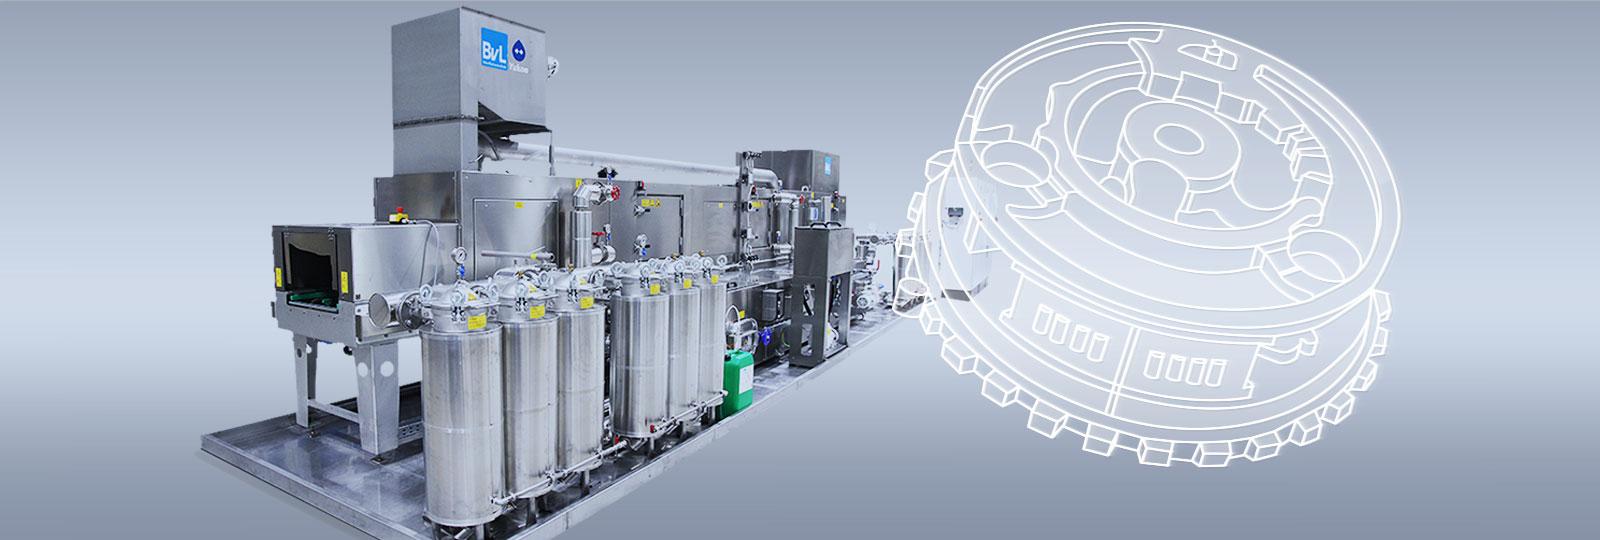 Durchlaufanlage Yukon zur Spritzreinigung im integrierten Anlagensystem